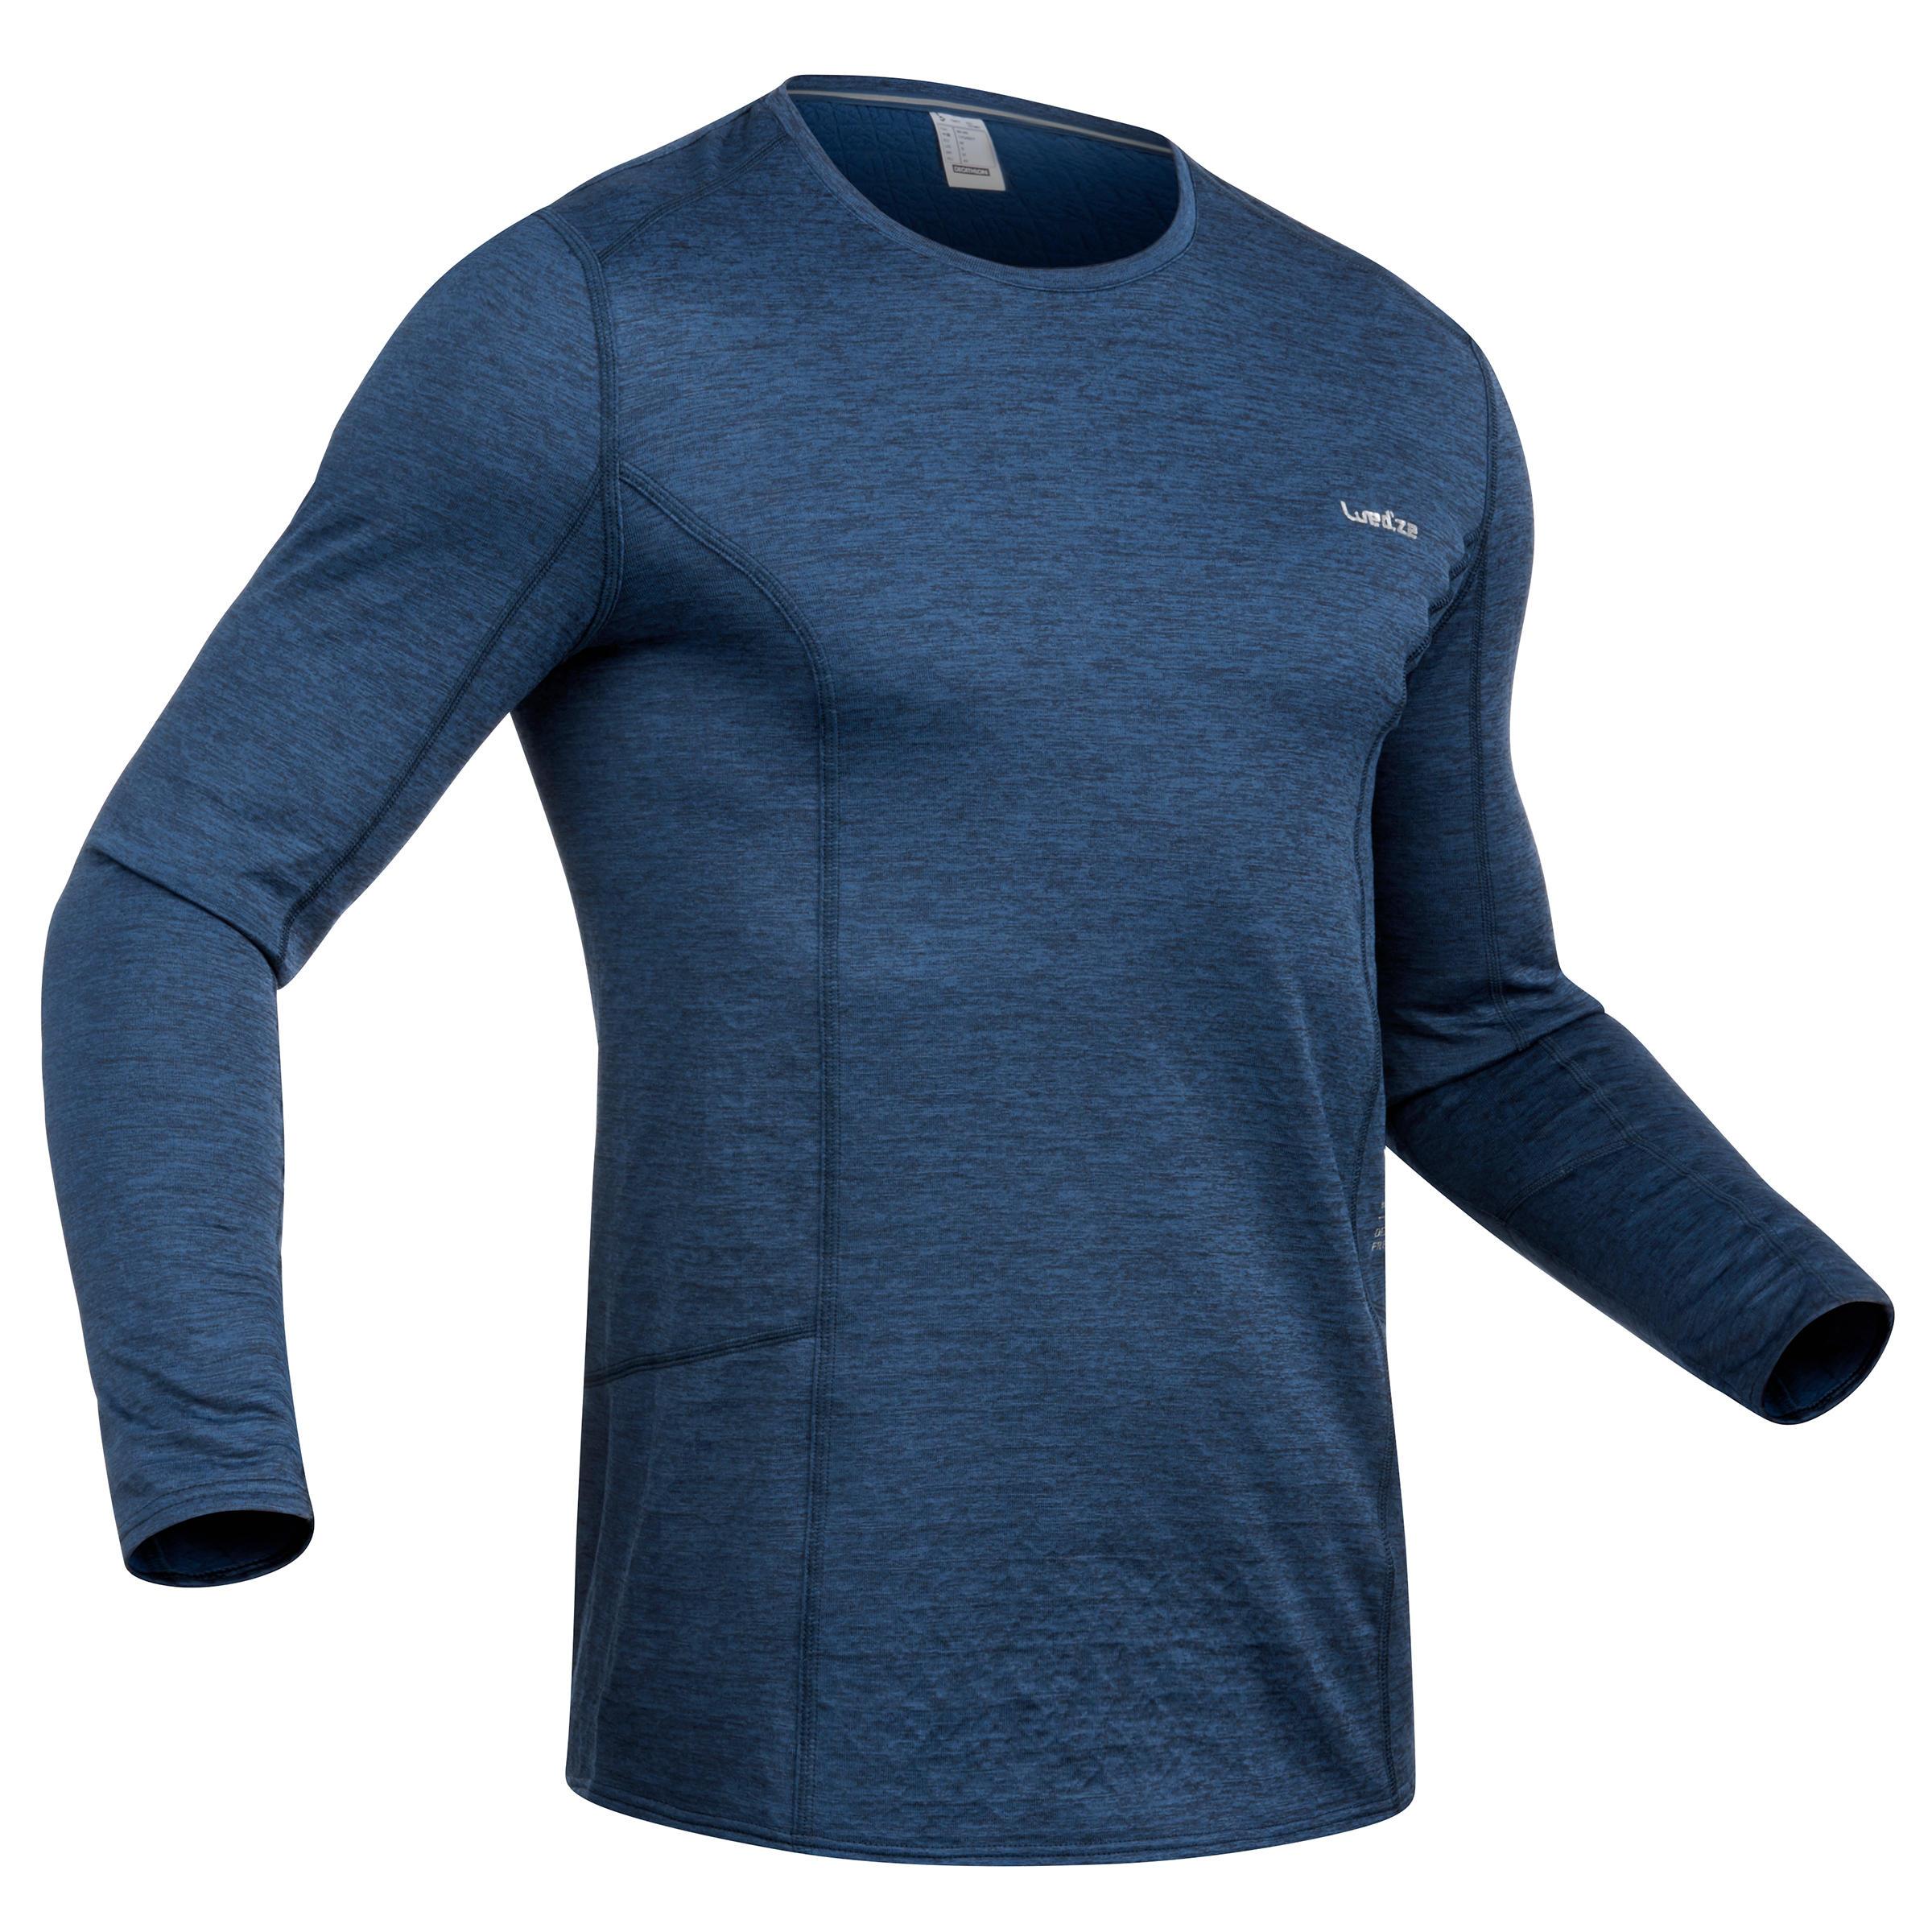 Skiunterhemd 500 Herren | Sportbekleidung > Funktionswäsche > Thermounterwäsche | Wedze